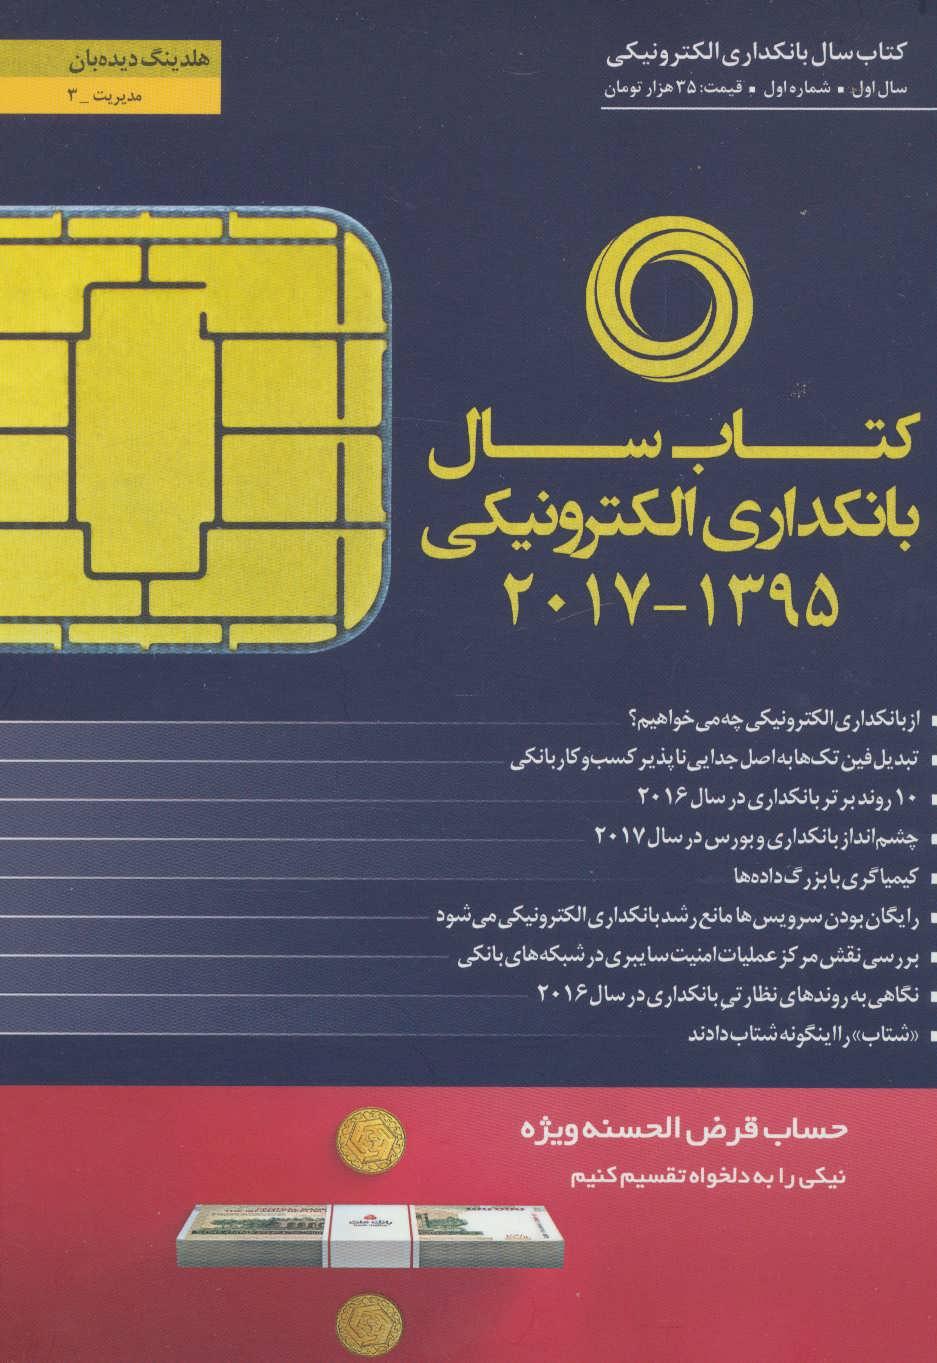 کتاب کتاب سال بانکداری الکترونیکی (۱۳۹۵-۲۰۱۷)